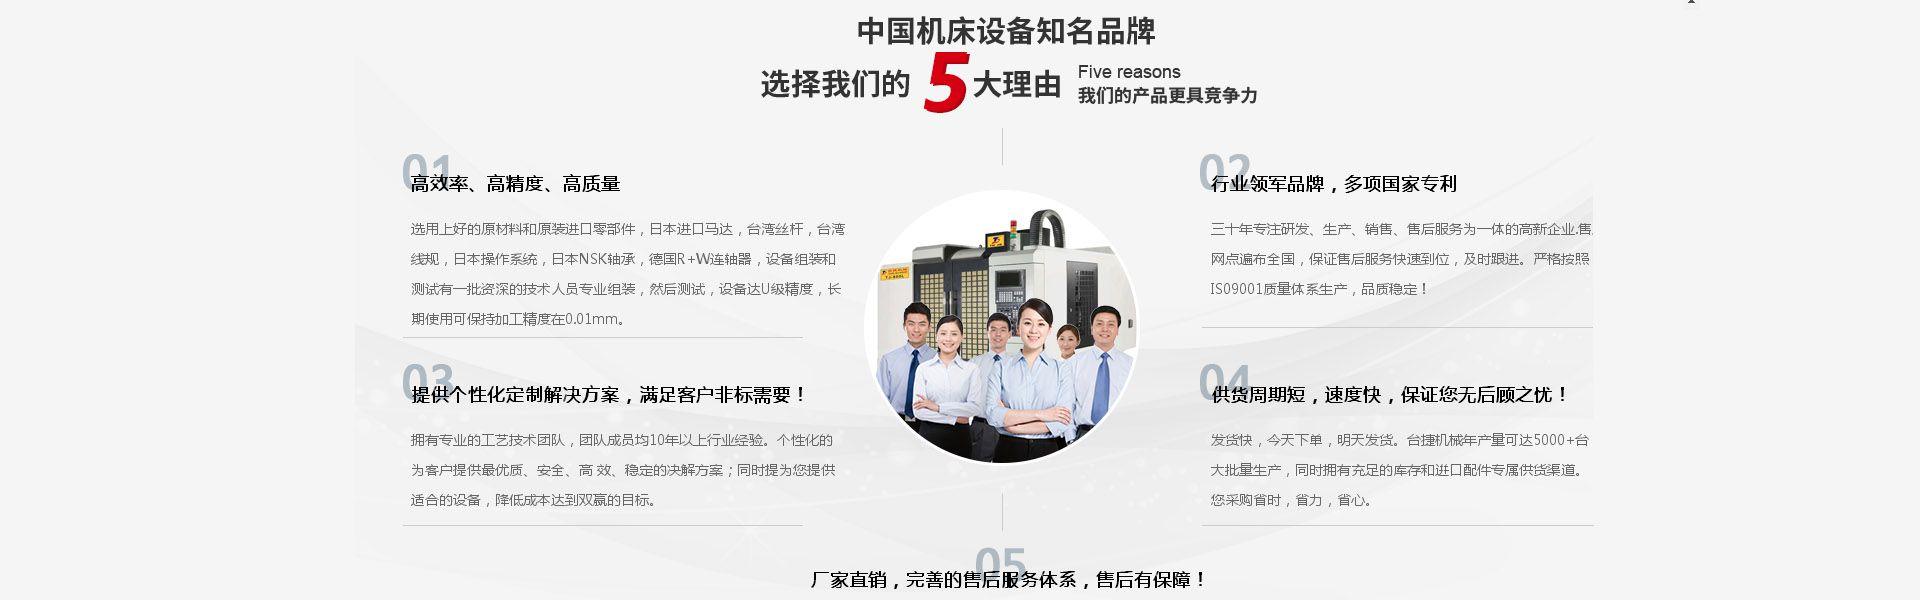 东莞市台捷机械设备有限公司